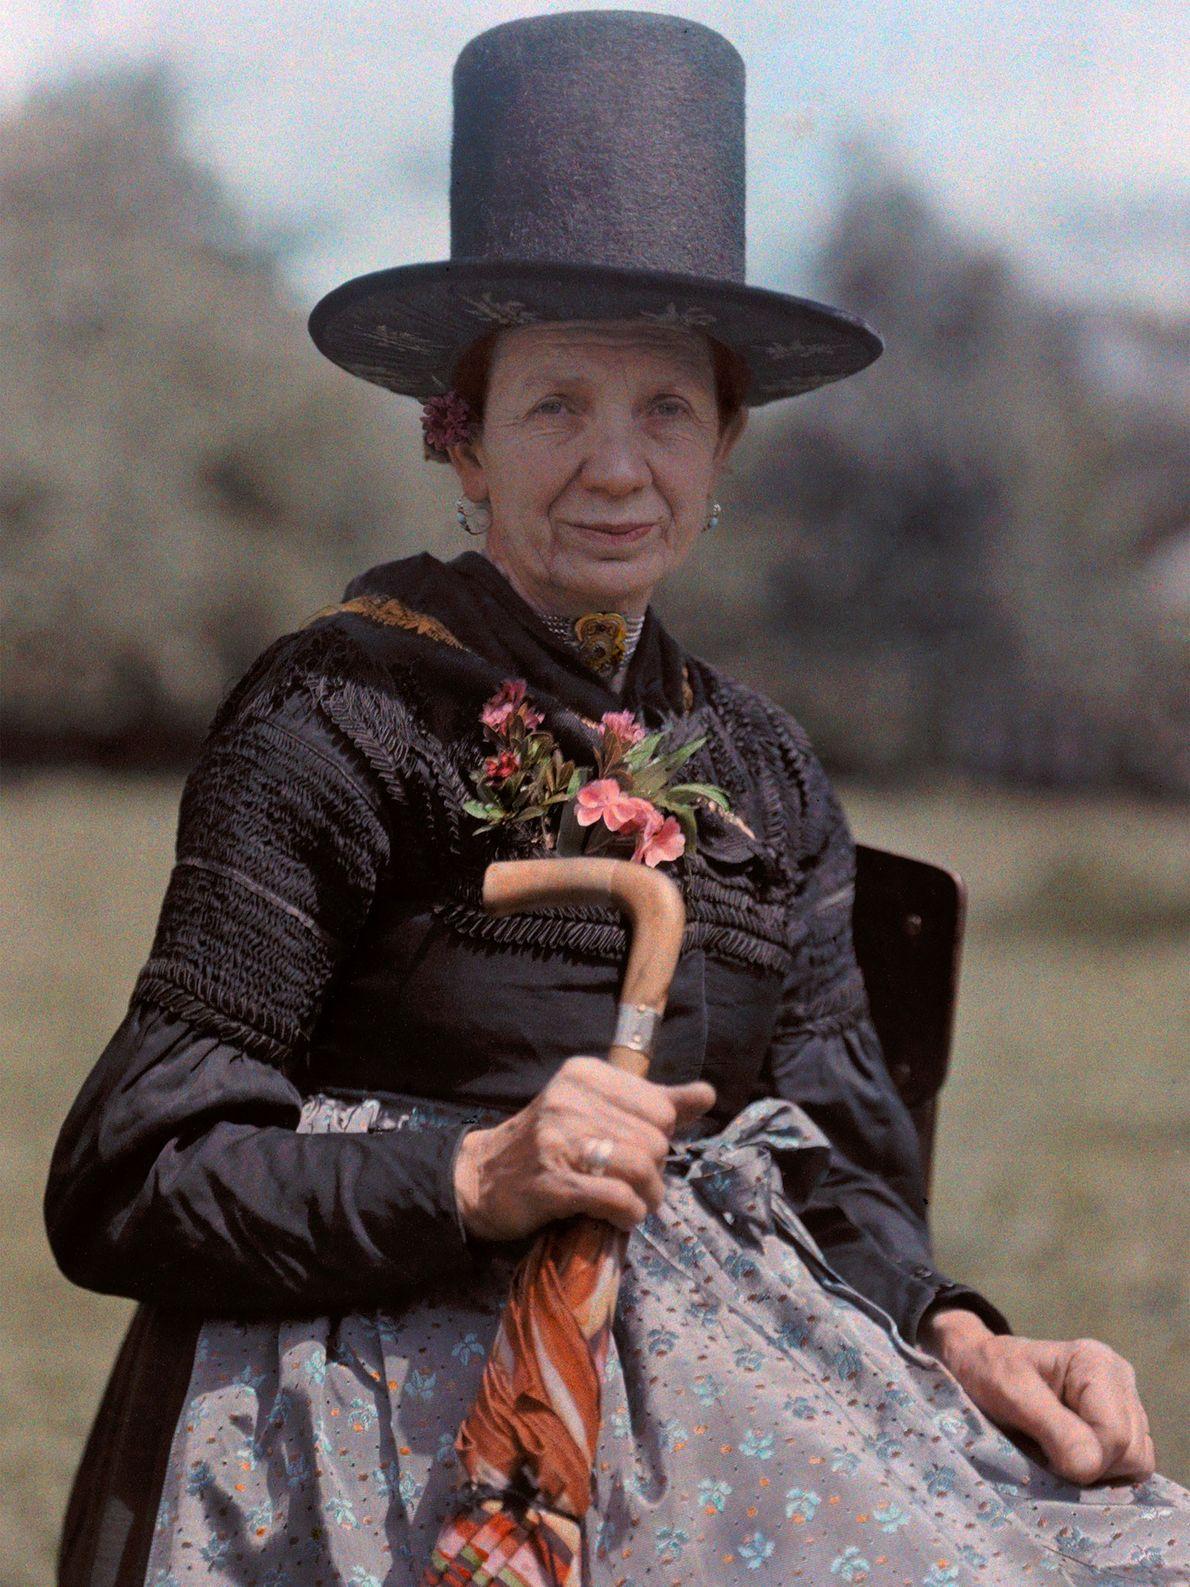 Eine Frau aus dem österreichischen Bischofshofen posiert mit einem Hut, unter dessen Krempe Zierelemente zu sehen ...